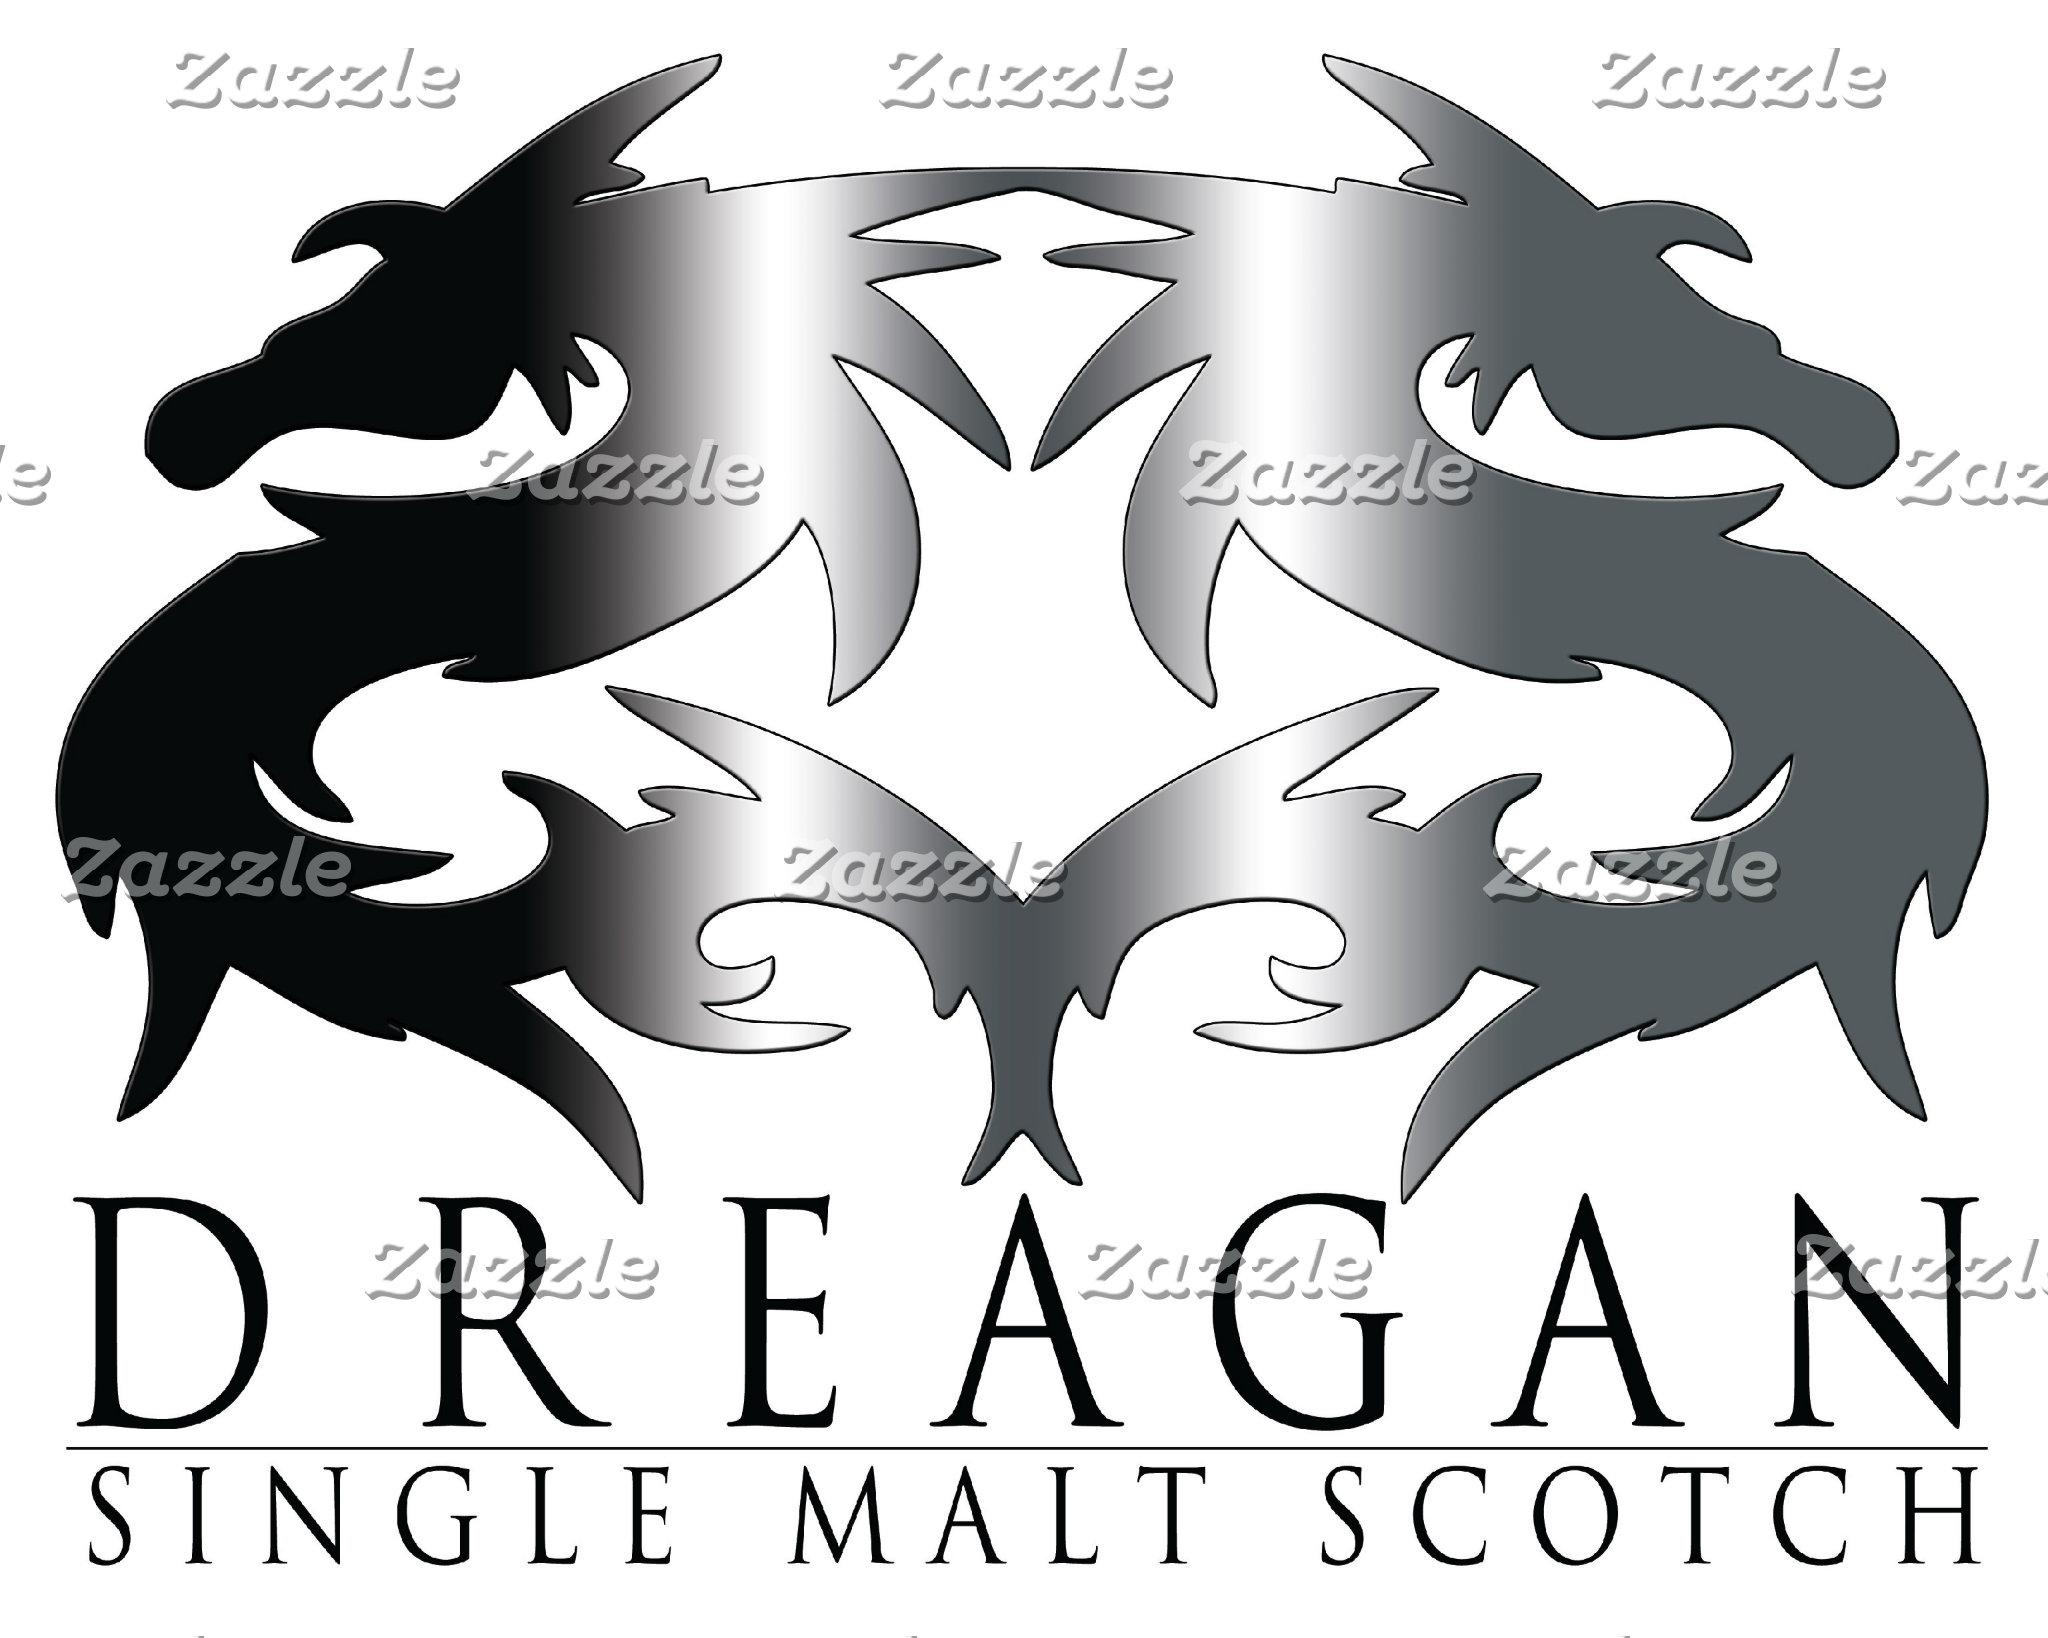 Dreagan Scotch